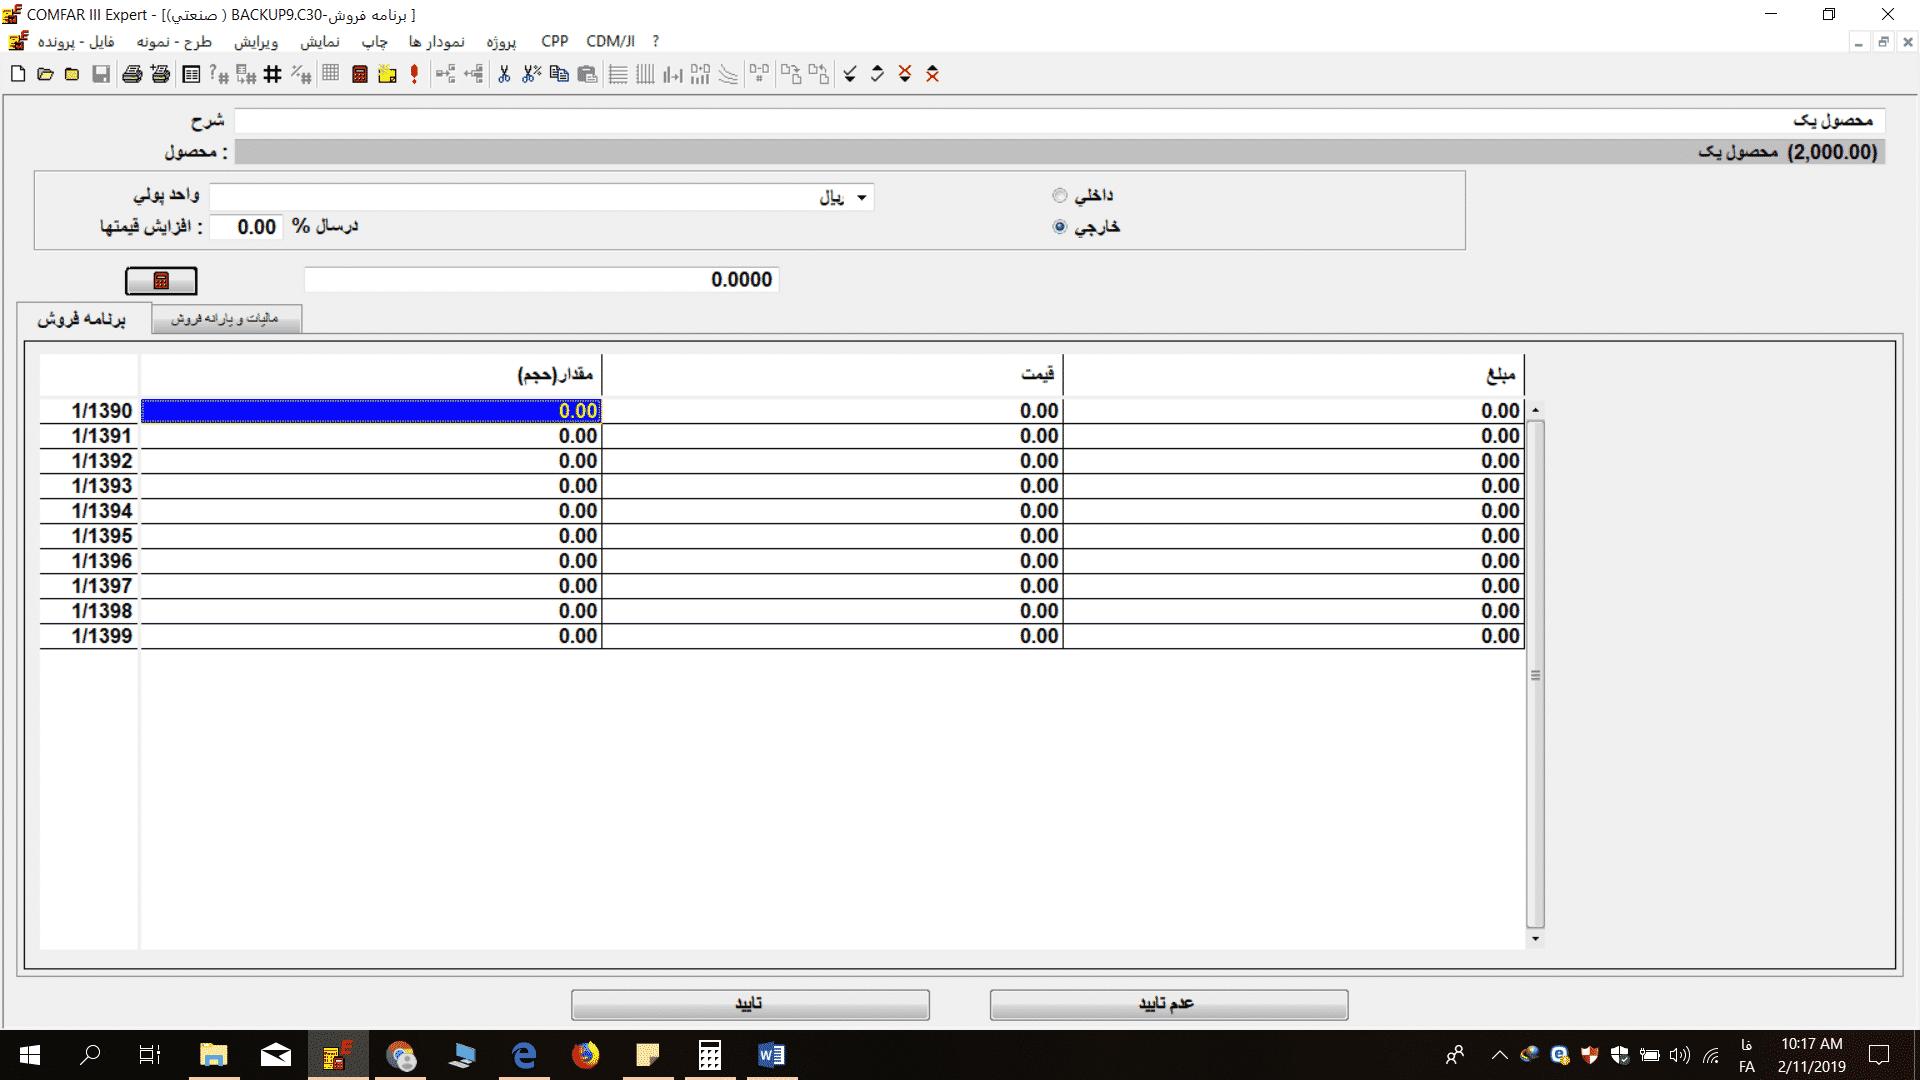 فروش 2 گره برنامه فروش در کامفار